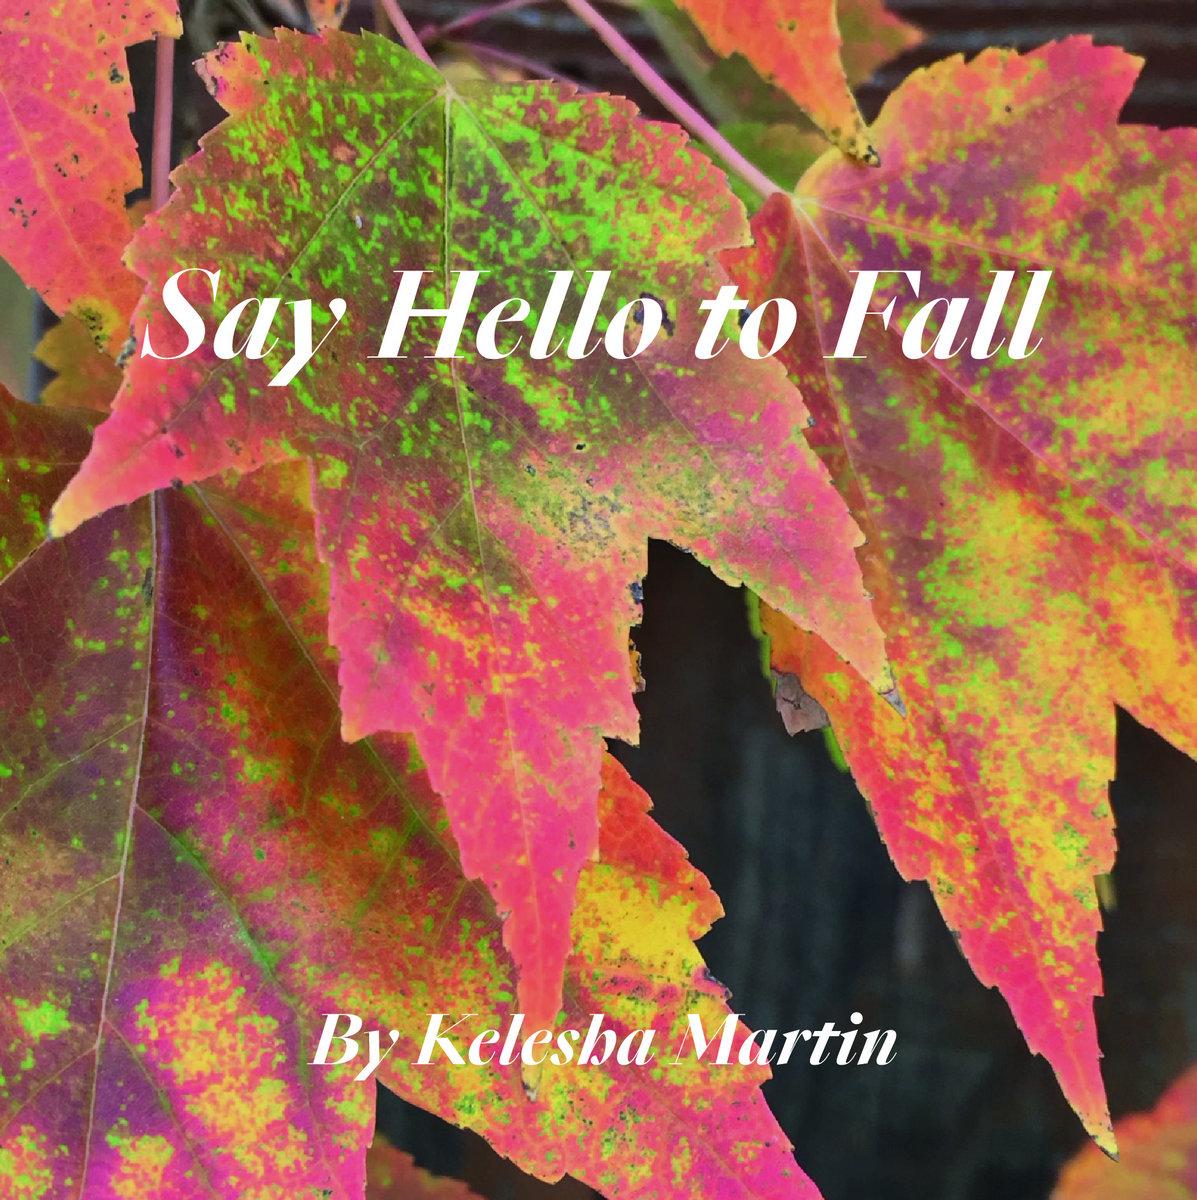 Say Hello to Fall by Kelesha Martin